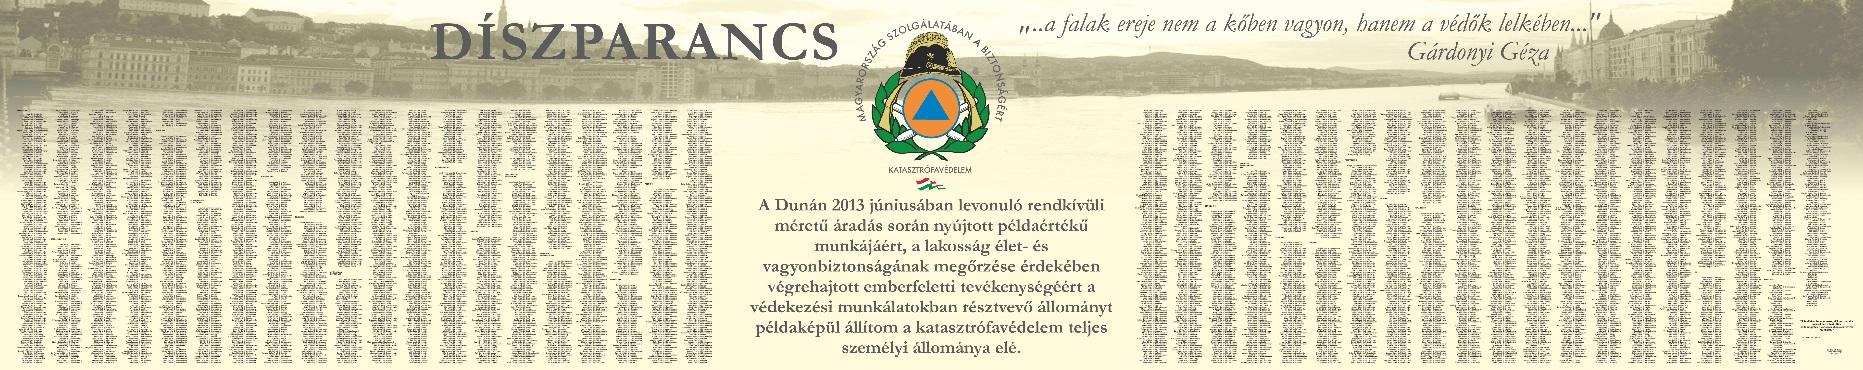 2013. július 19. díszparancsról készült kép, kattintásra nagyítható